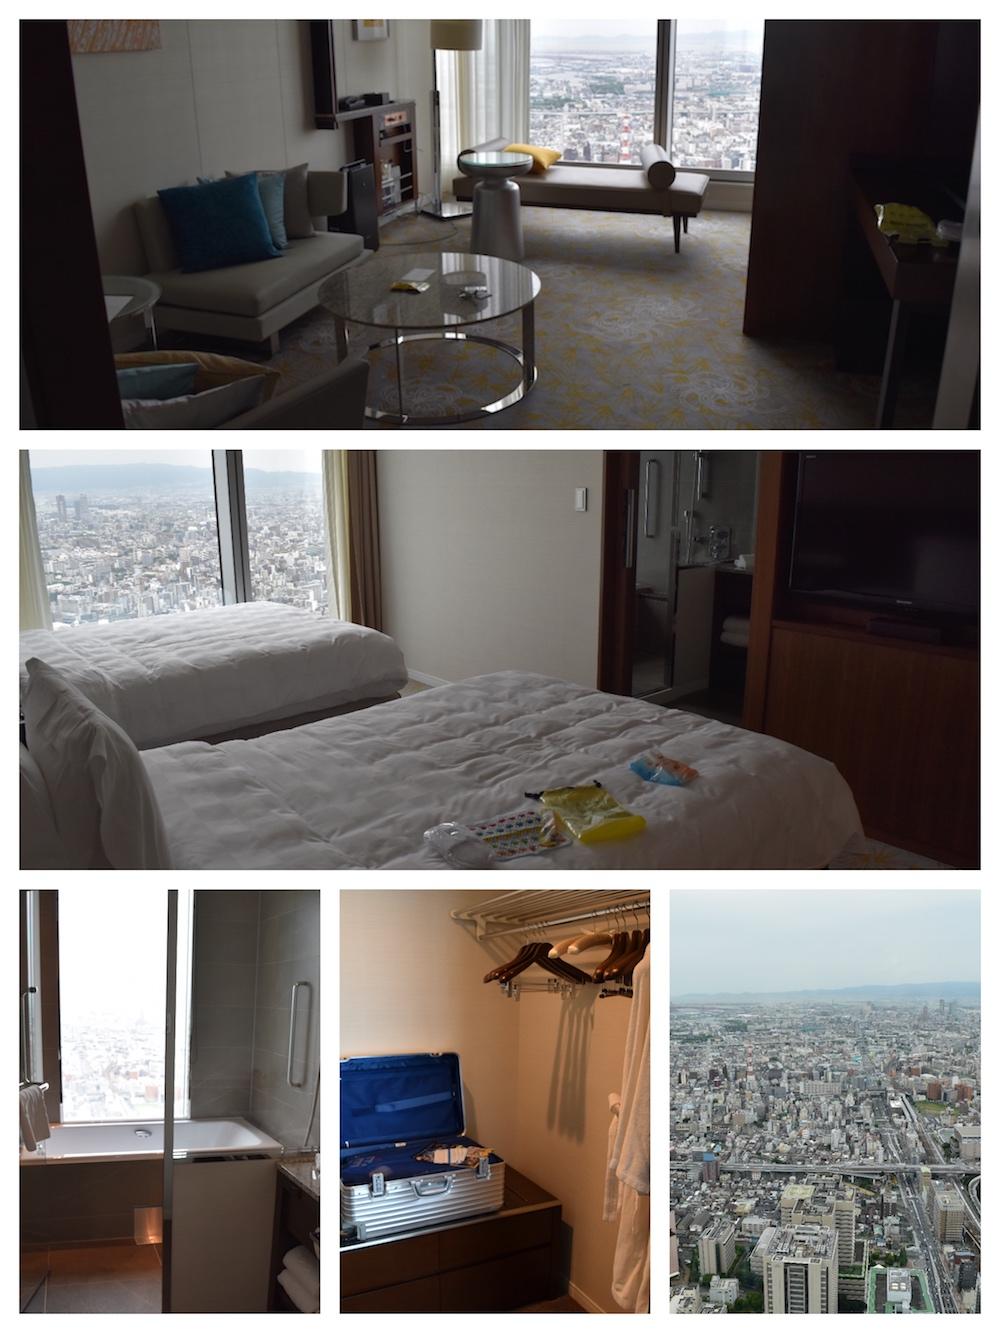 大阪マリオットのジュニアスイートの部屋の様子